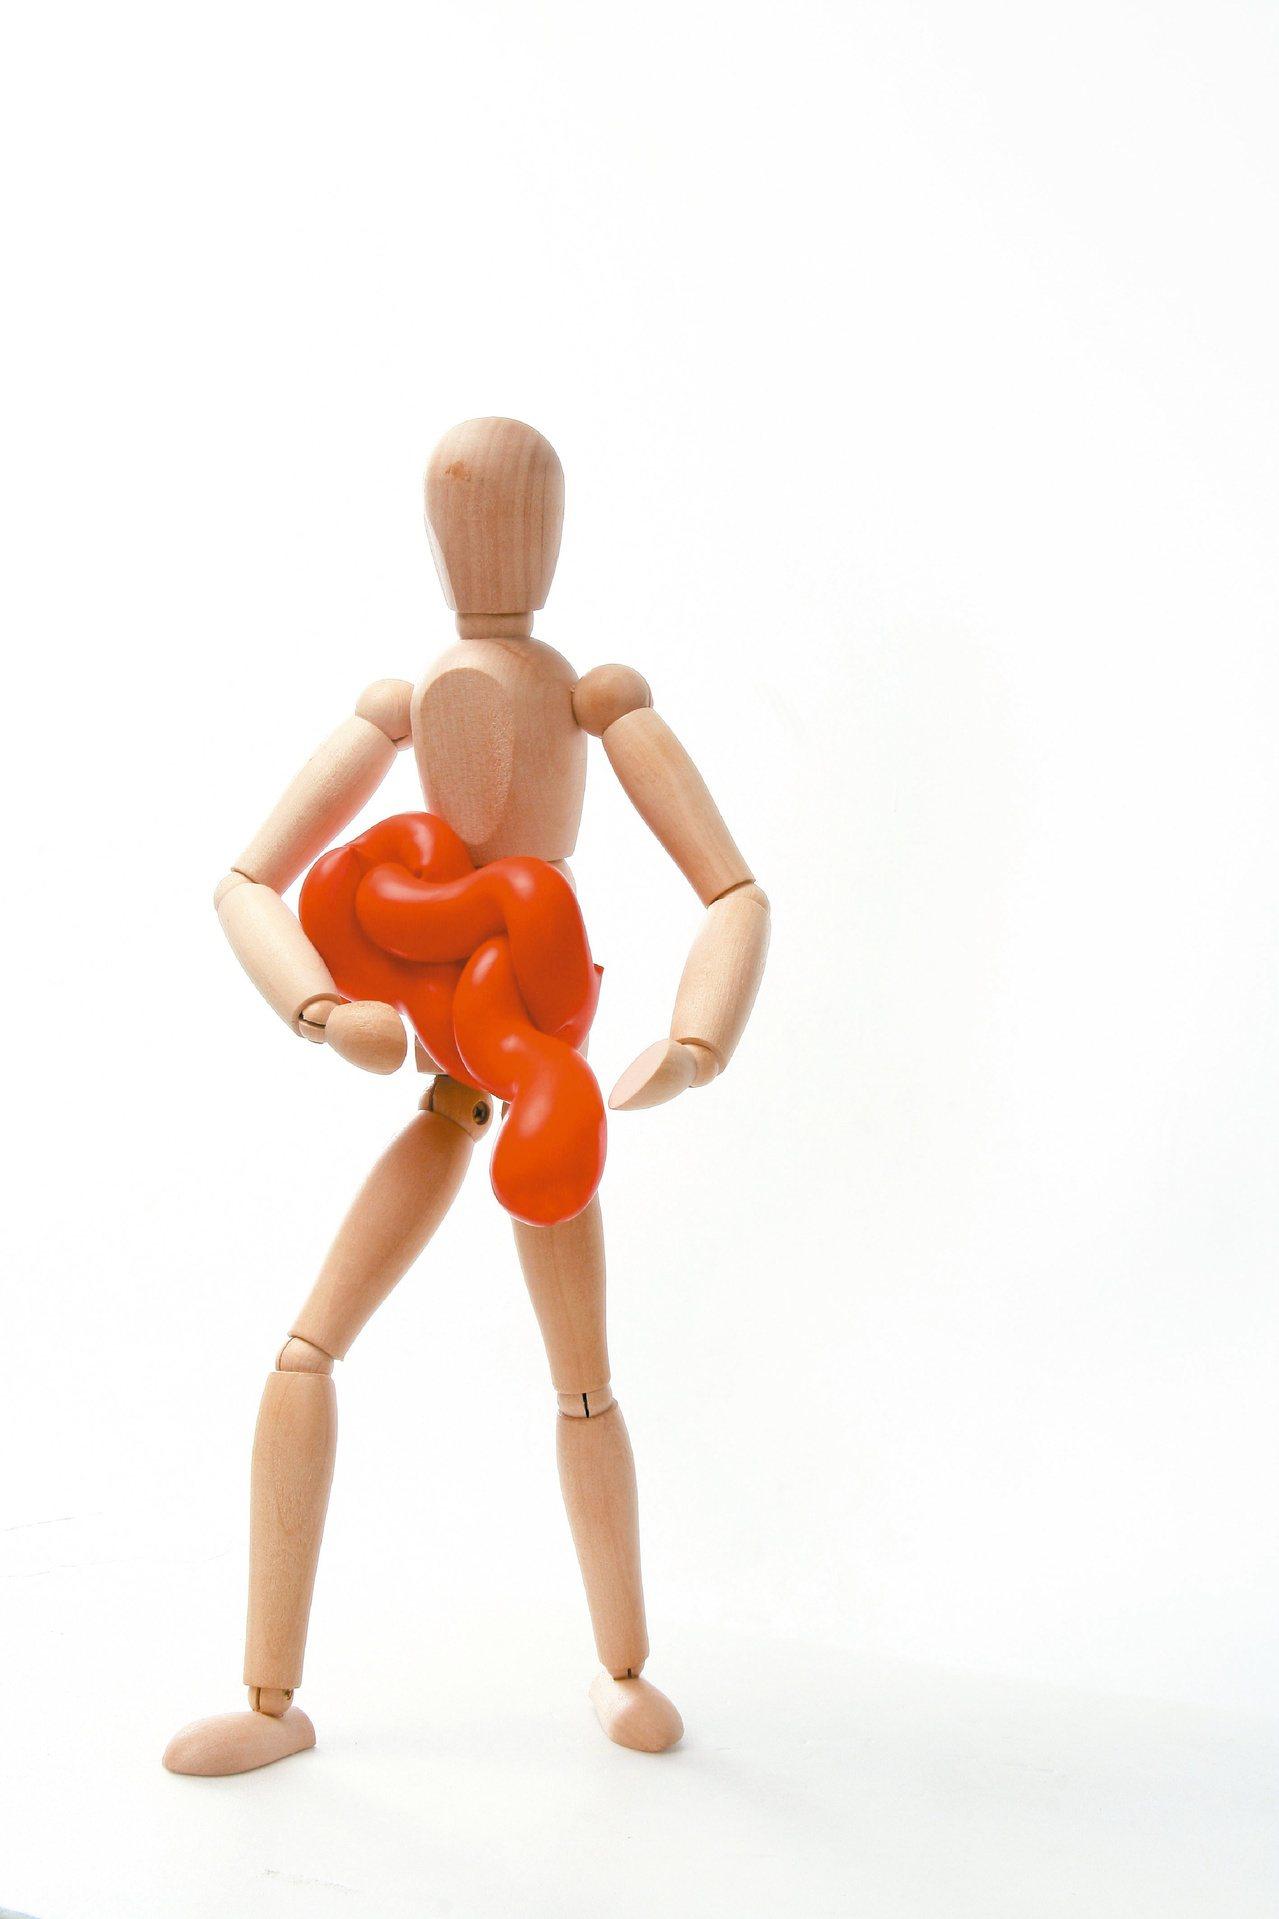 成人疝氣有九成都是腹股溝疝氣,男性占大多數,但男女老少都可能發生腹股溝疝氣。本報...